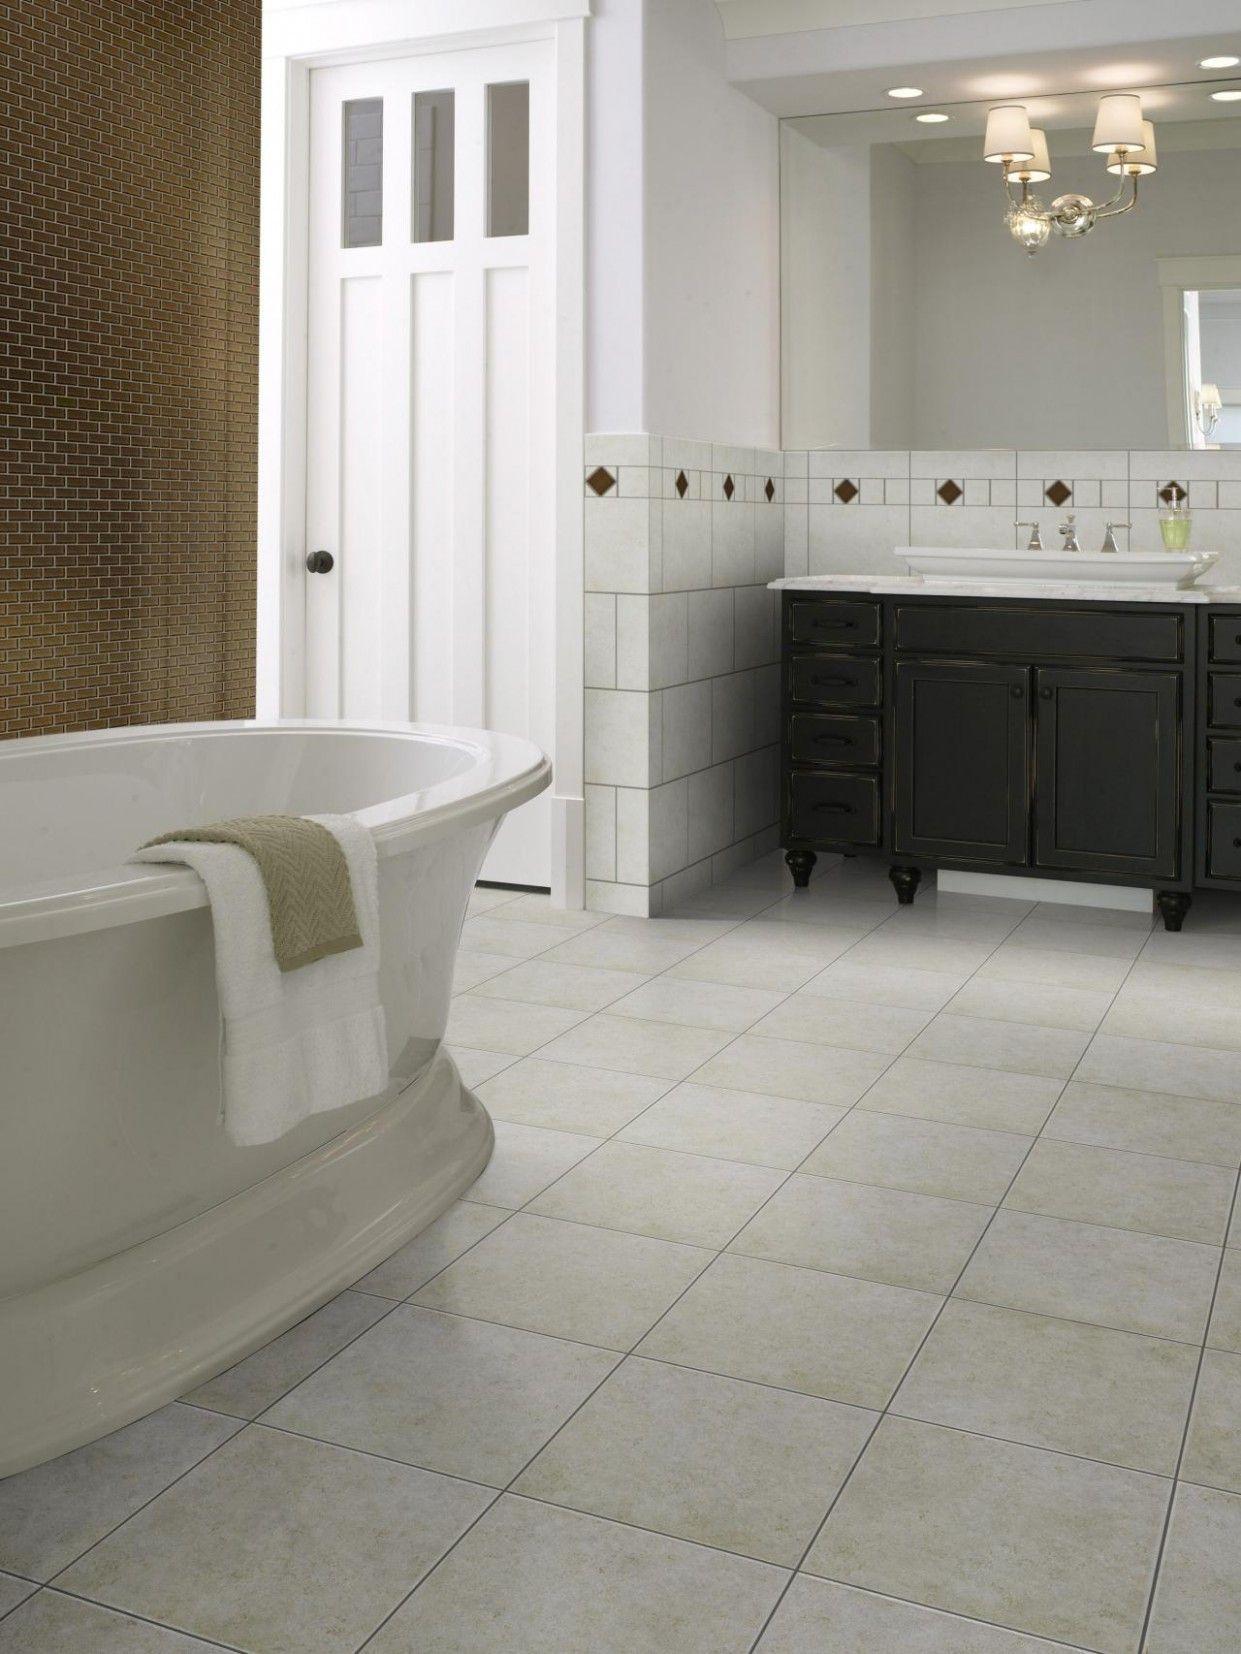 Bathroom Floor Ideas Images Ide Lantai Kamar Mandi Desain Kamar Mandi Desain Lantai